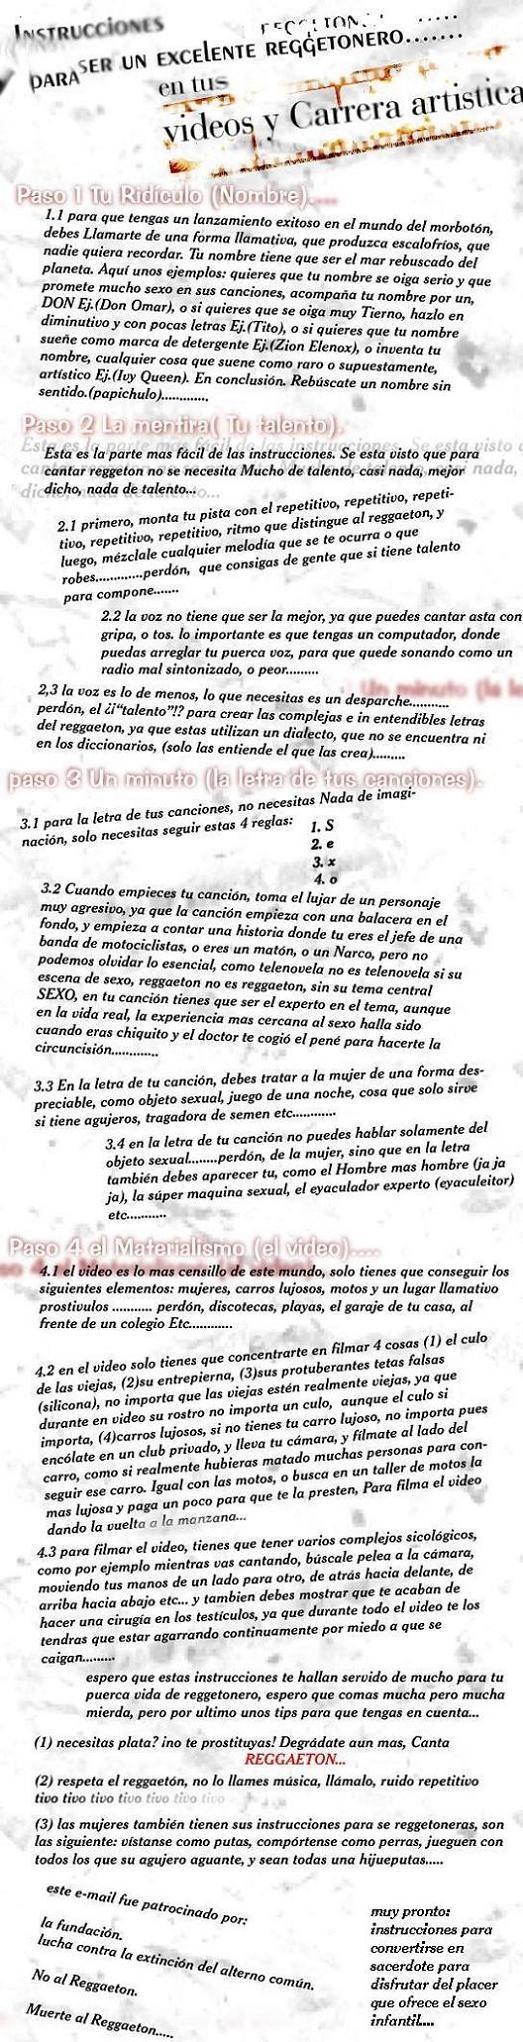 Instrucciones cantar Reggaeton